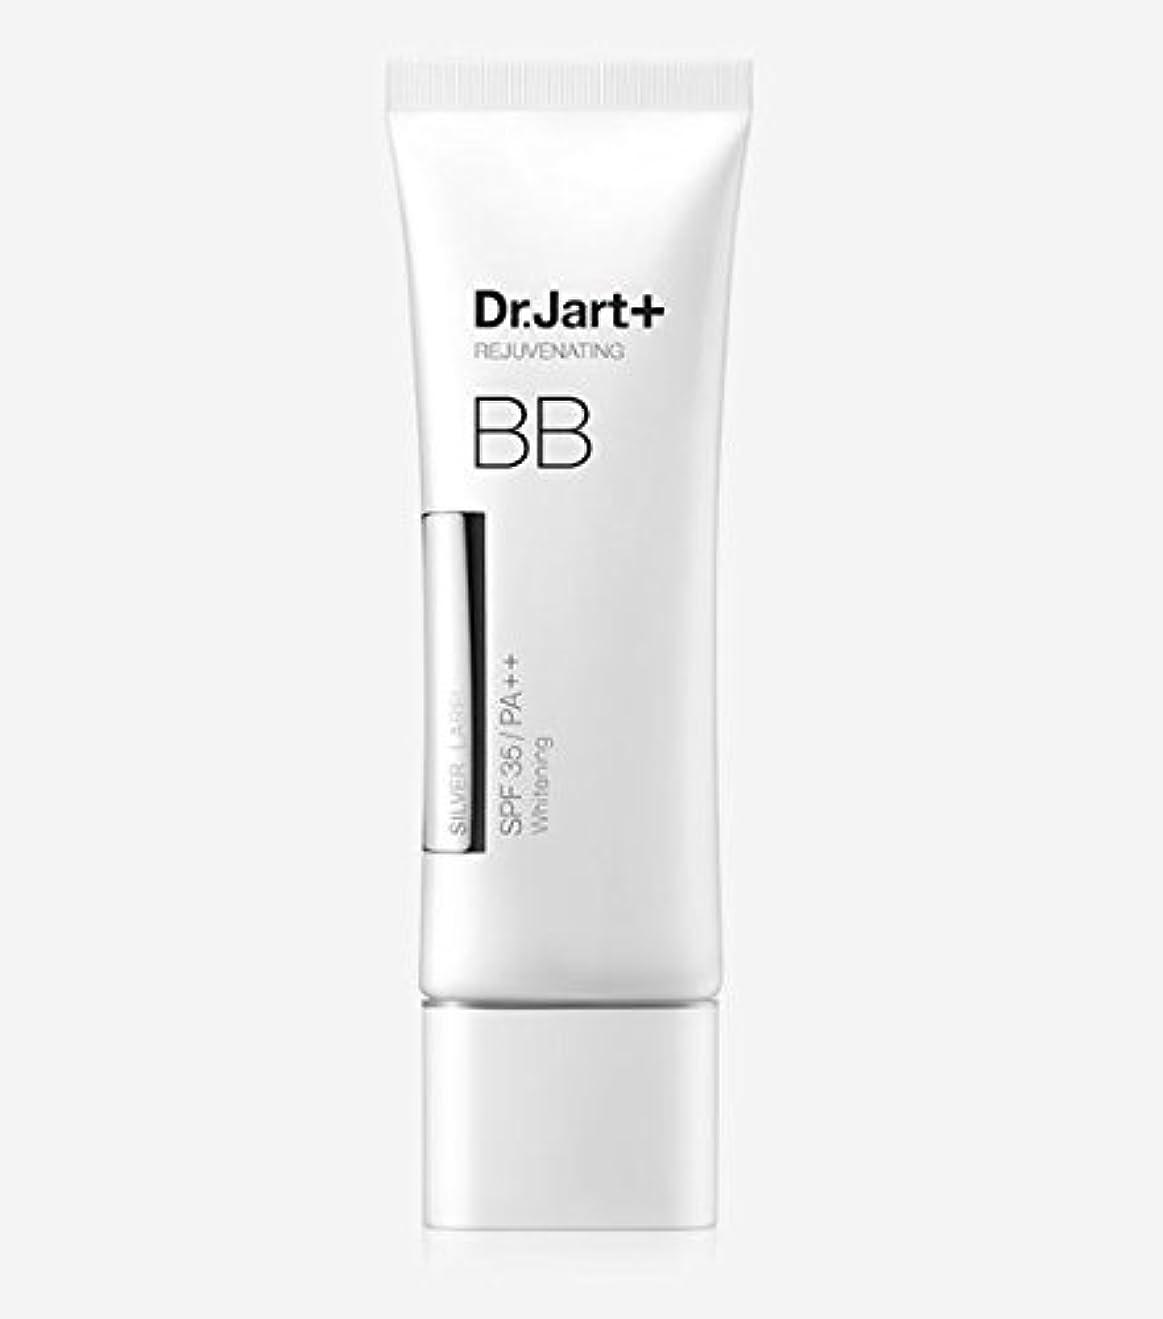 スパイラル前文ゴルフ[Dr. Jart] Silver Label BB Rejuvenating Beauty Balm 50ml SPF35 PA++/[ドクタージャルト] シルバーラベル BB リジュビネイティング ビューティー バーム...